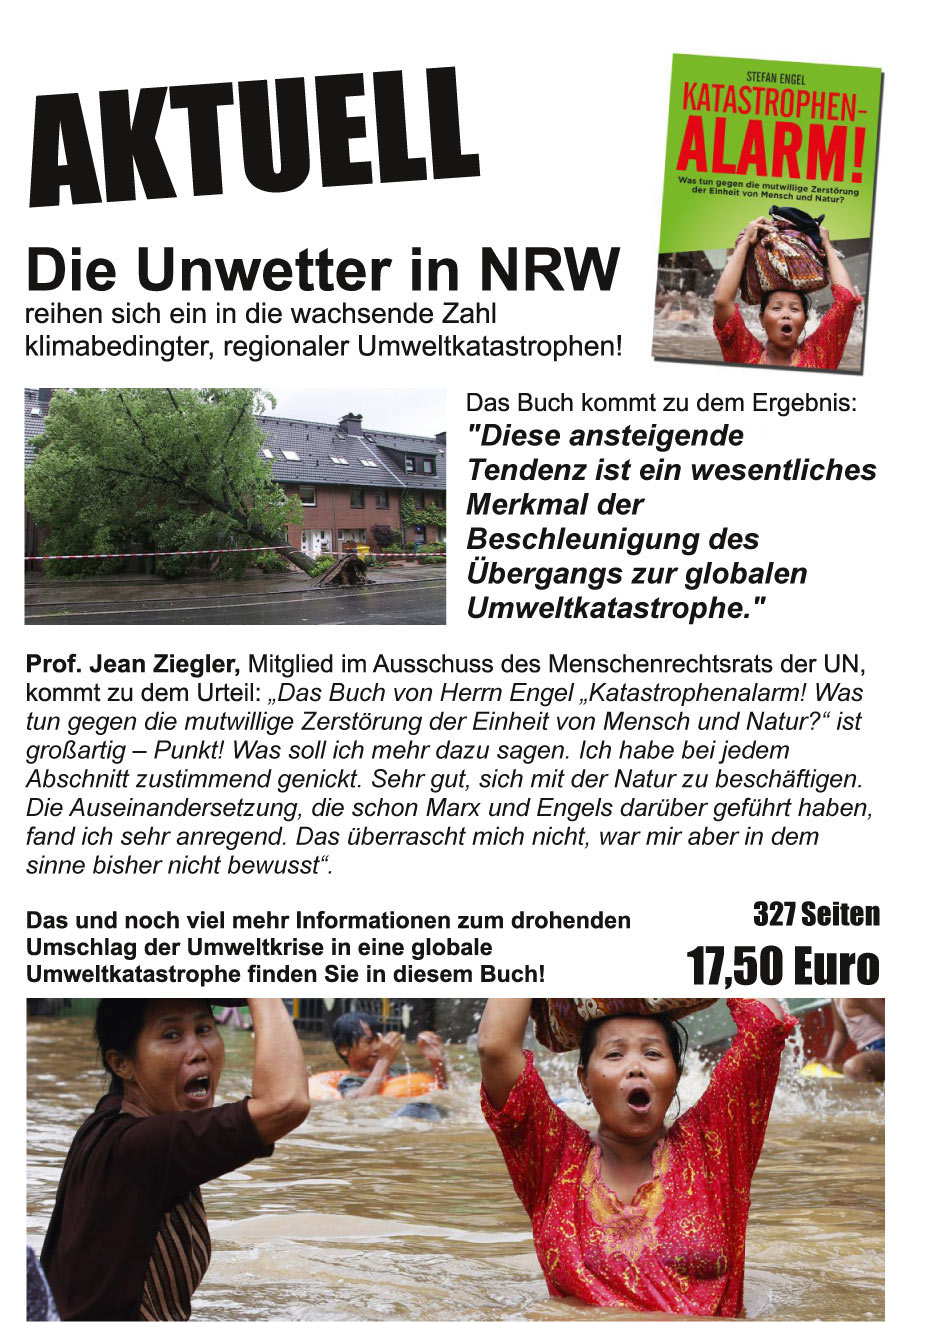 Unwetter in NRW